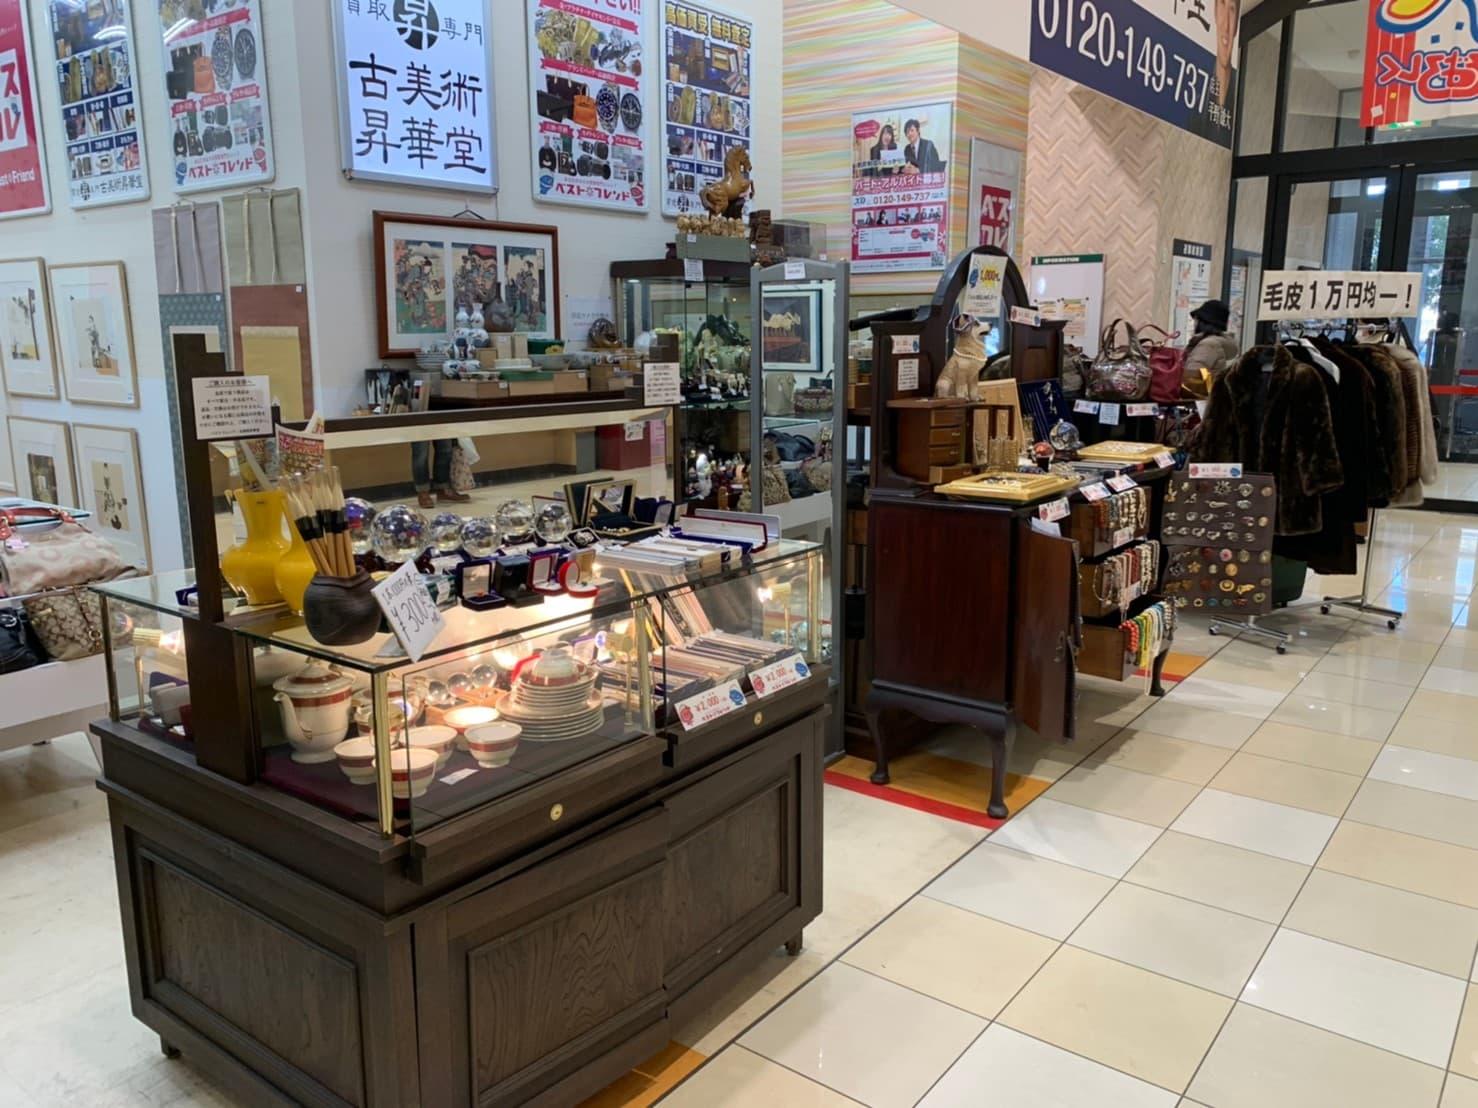 ベストフレンド昇華堂ヨシヅヤ名西店店舗写真3